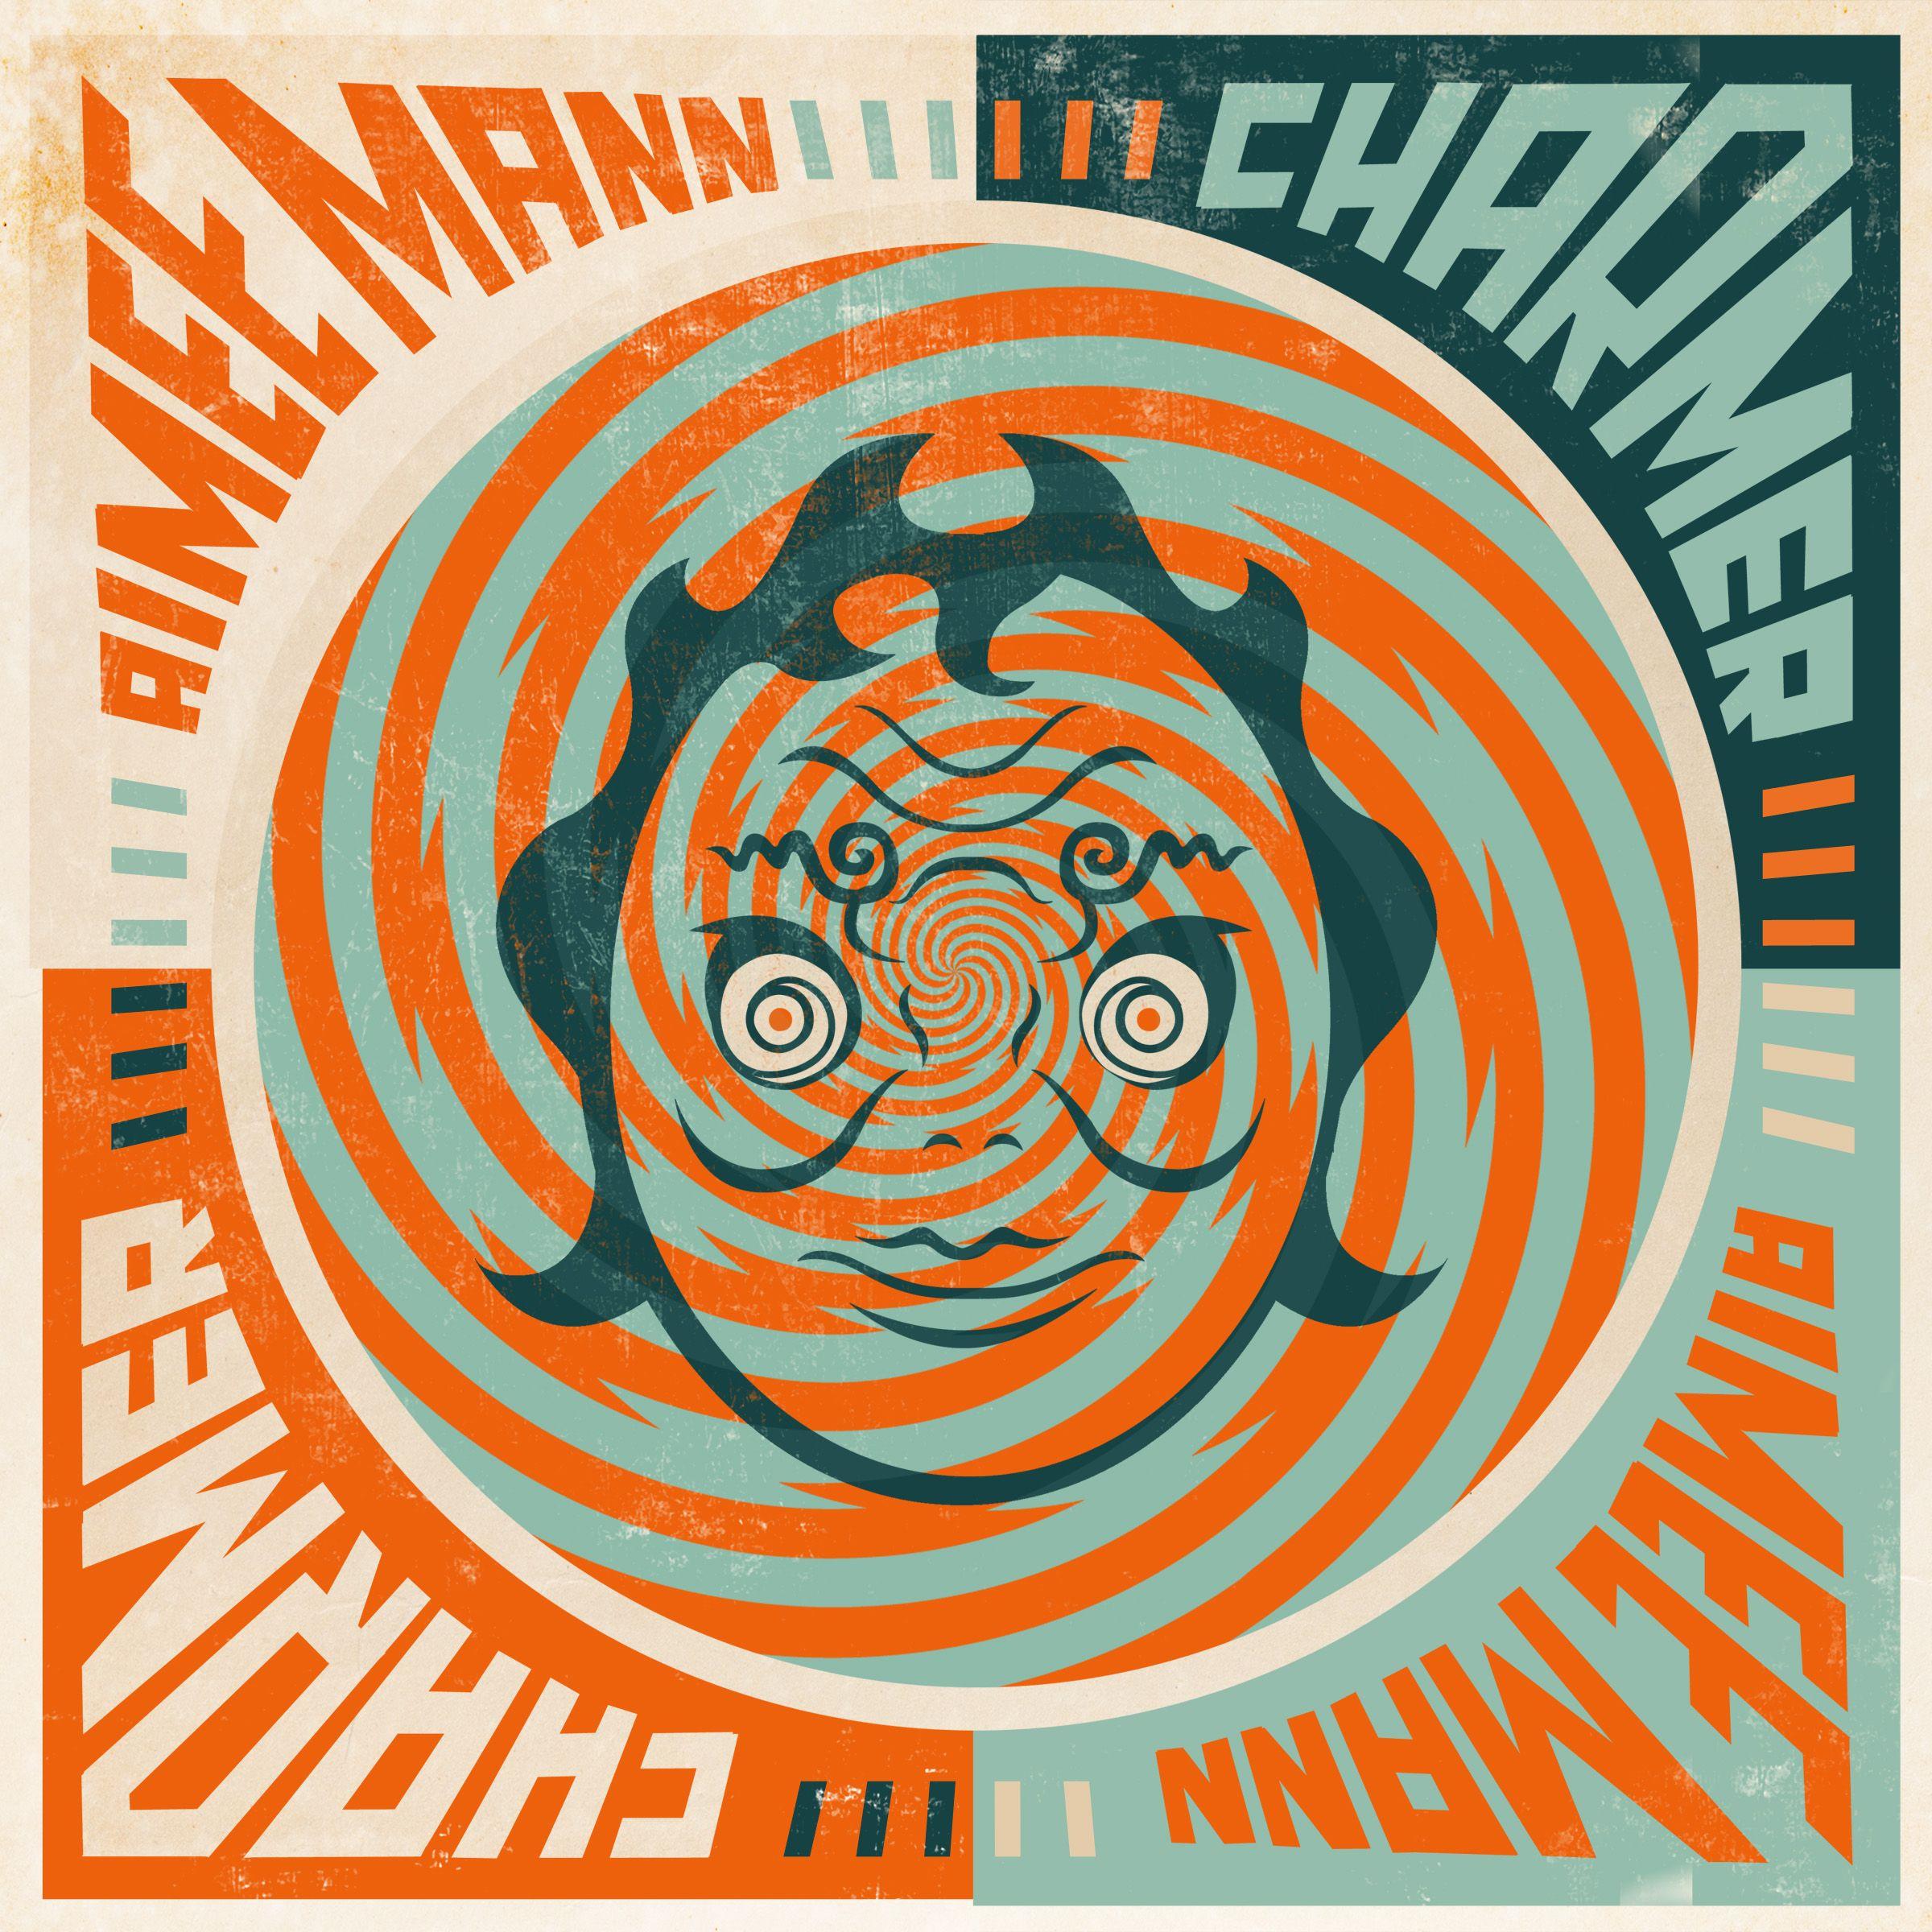 Aimee Mann - Charmer album cover